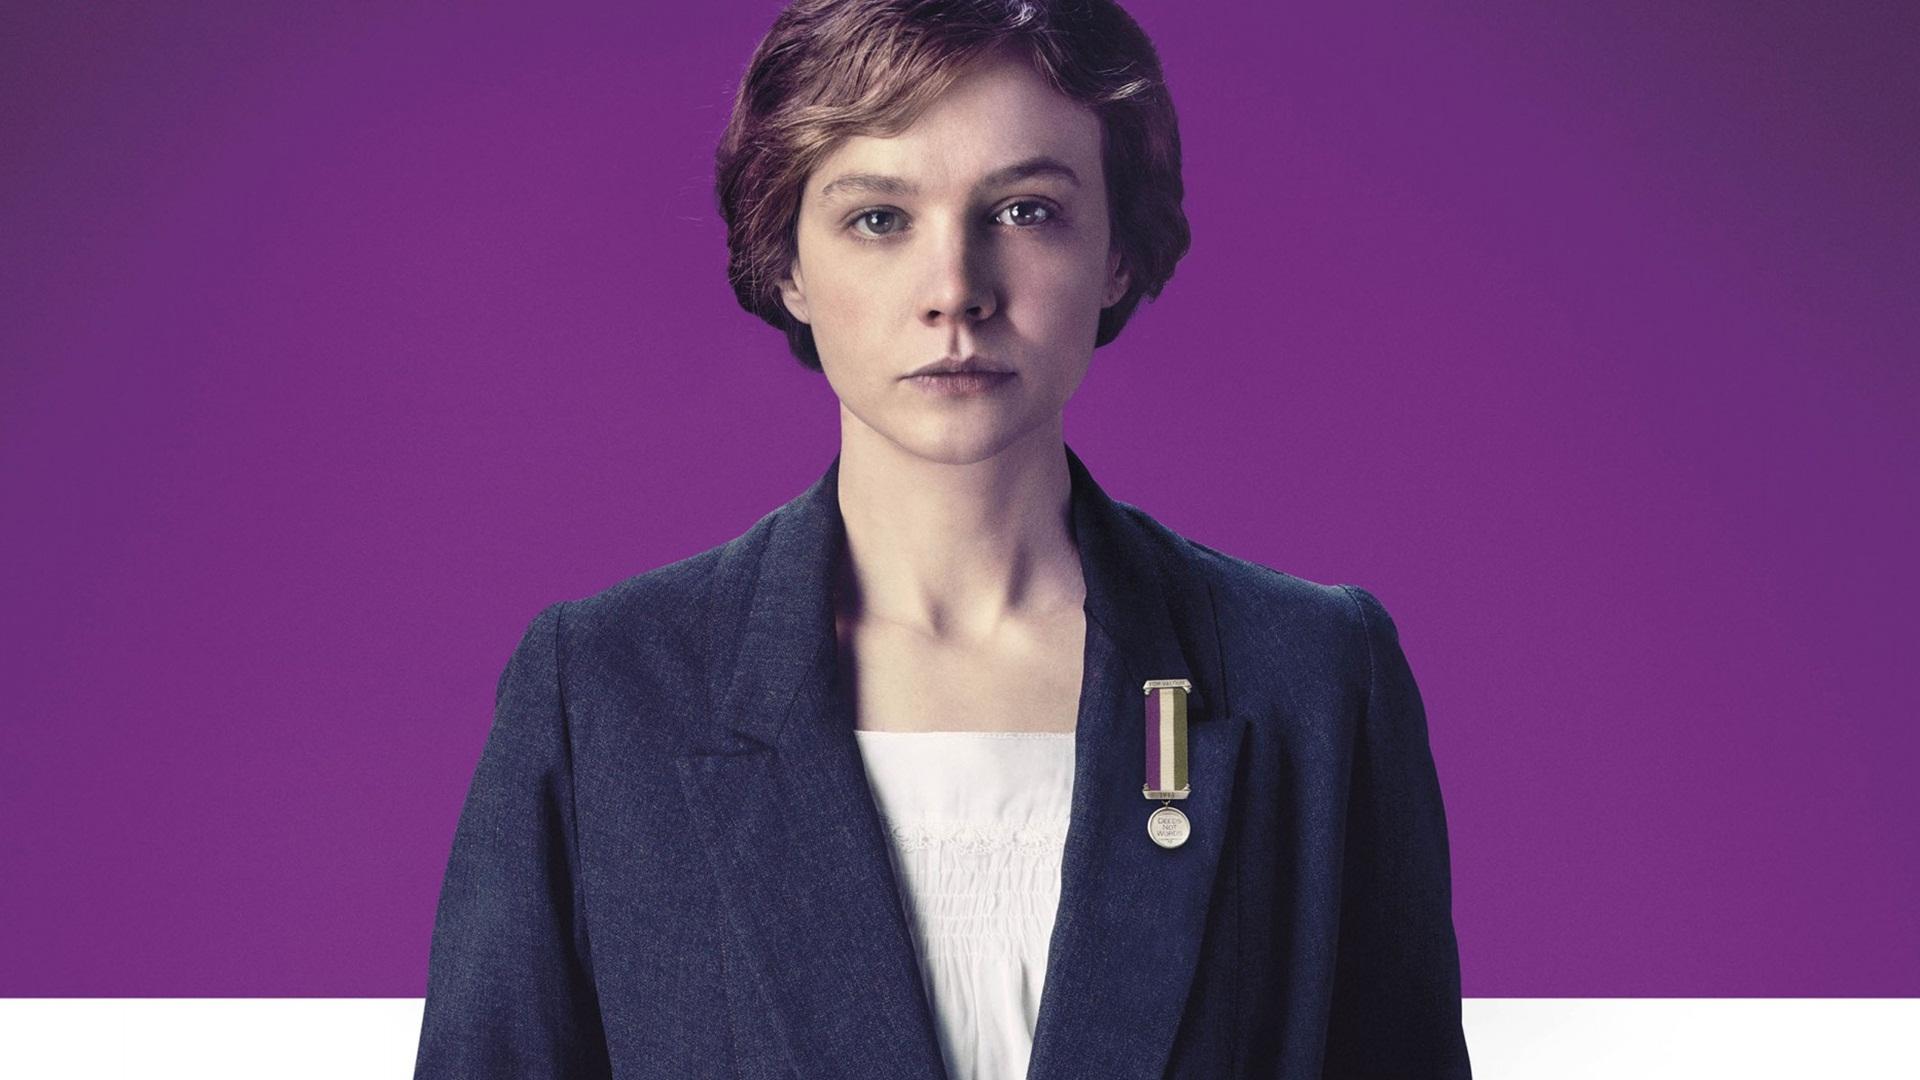 Suffragette-Movie-Carey-Mulligan-Images-03965